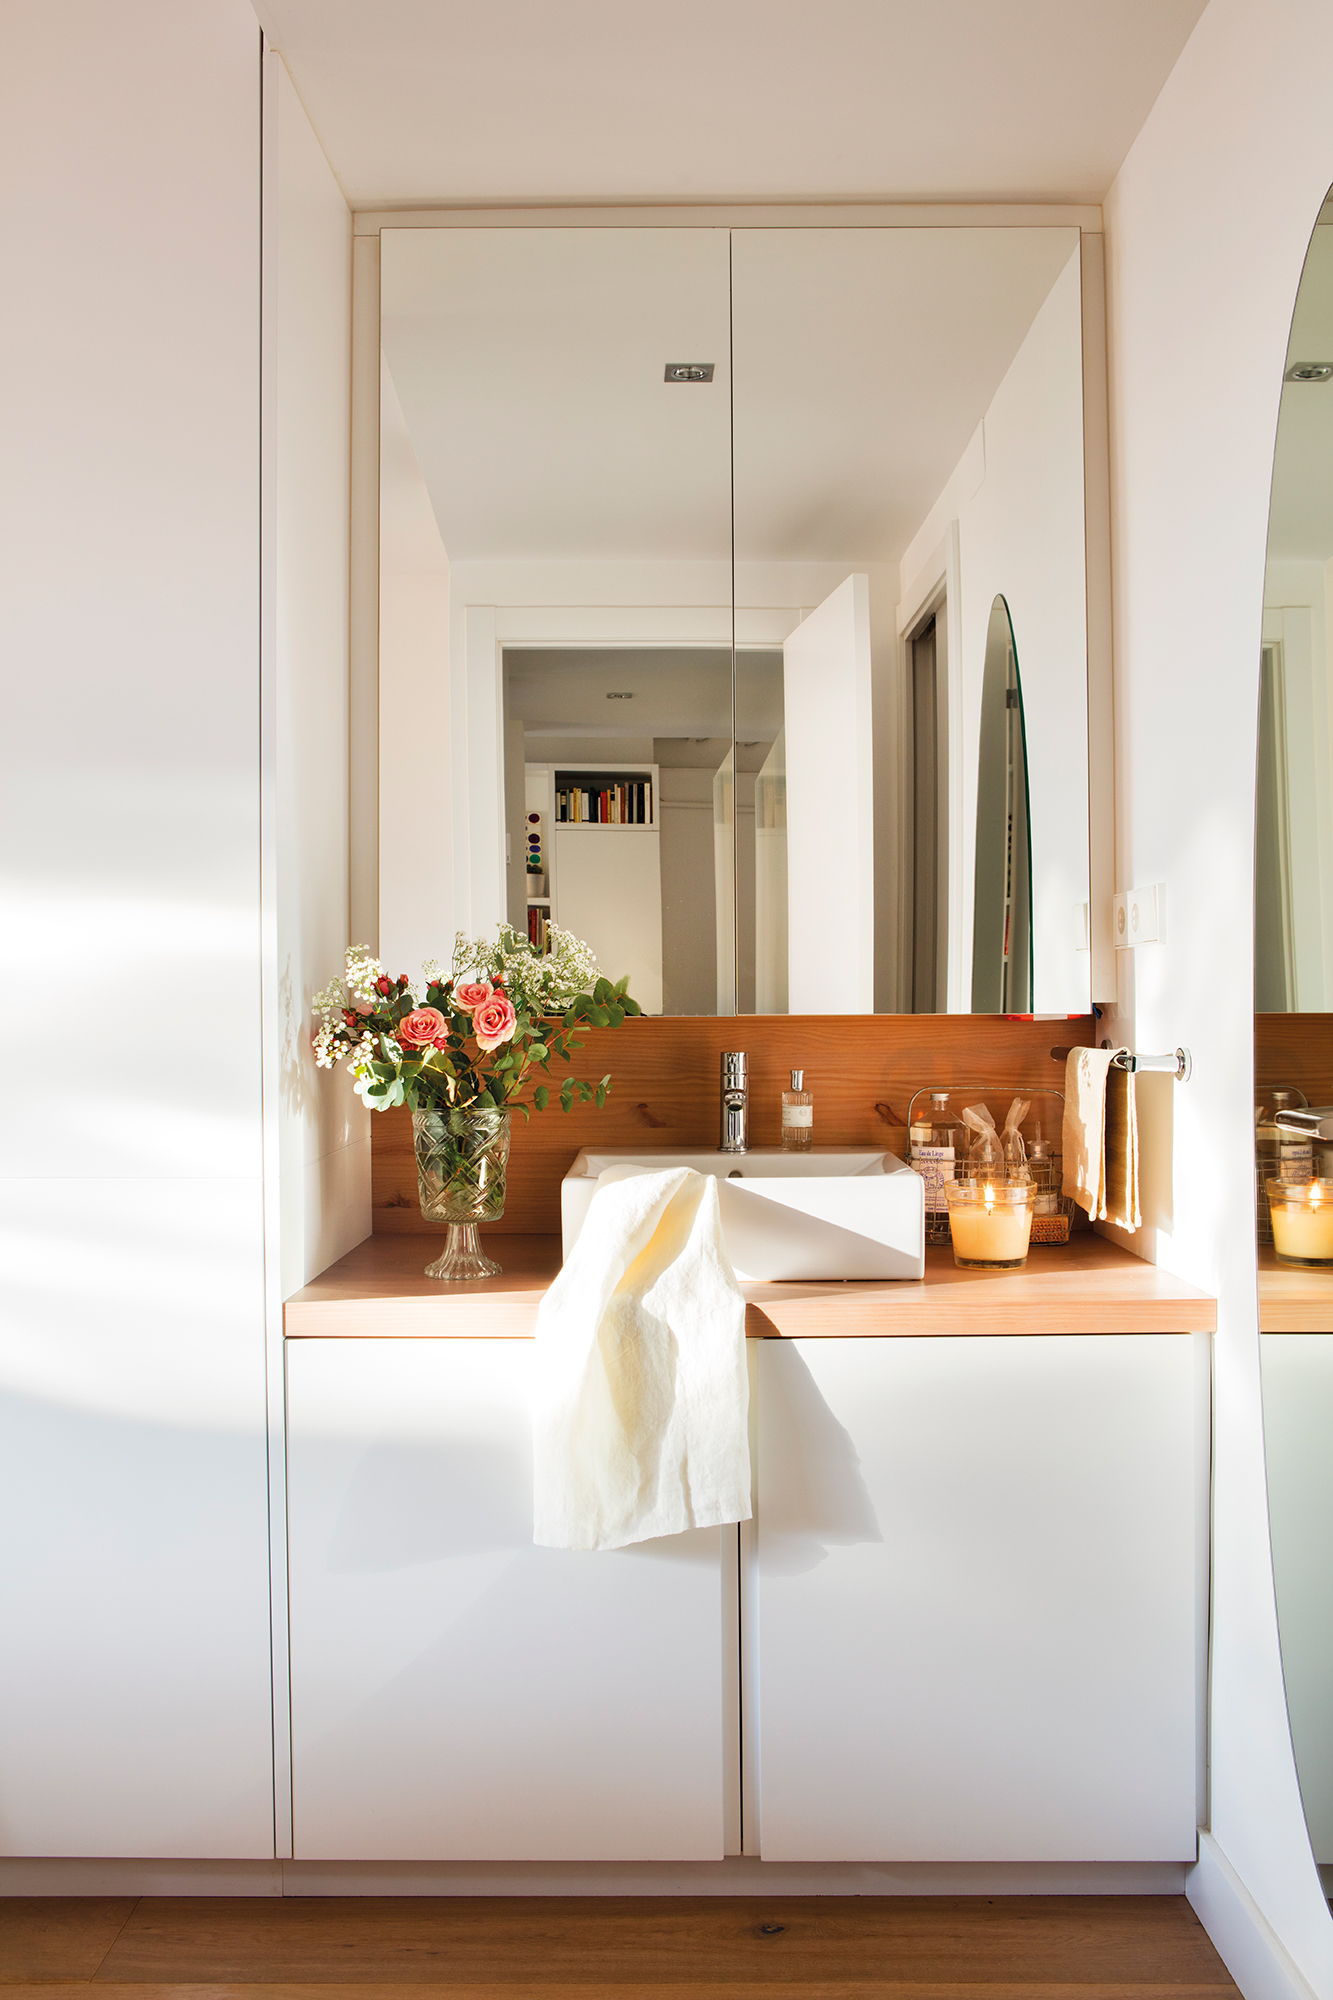 Armarios roperos armarios de cocina y armarios de ba o - Espejo con armario bano ...